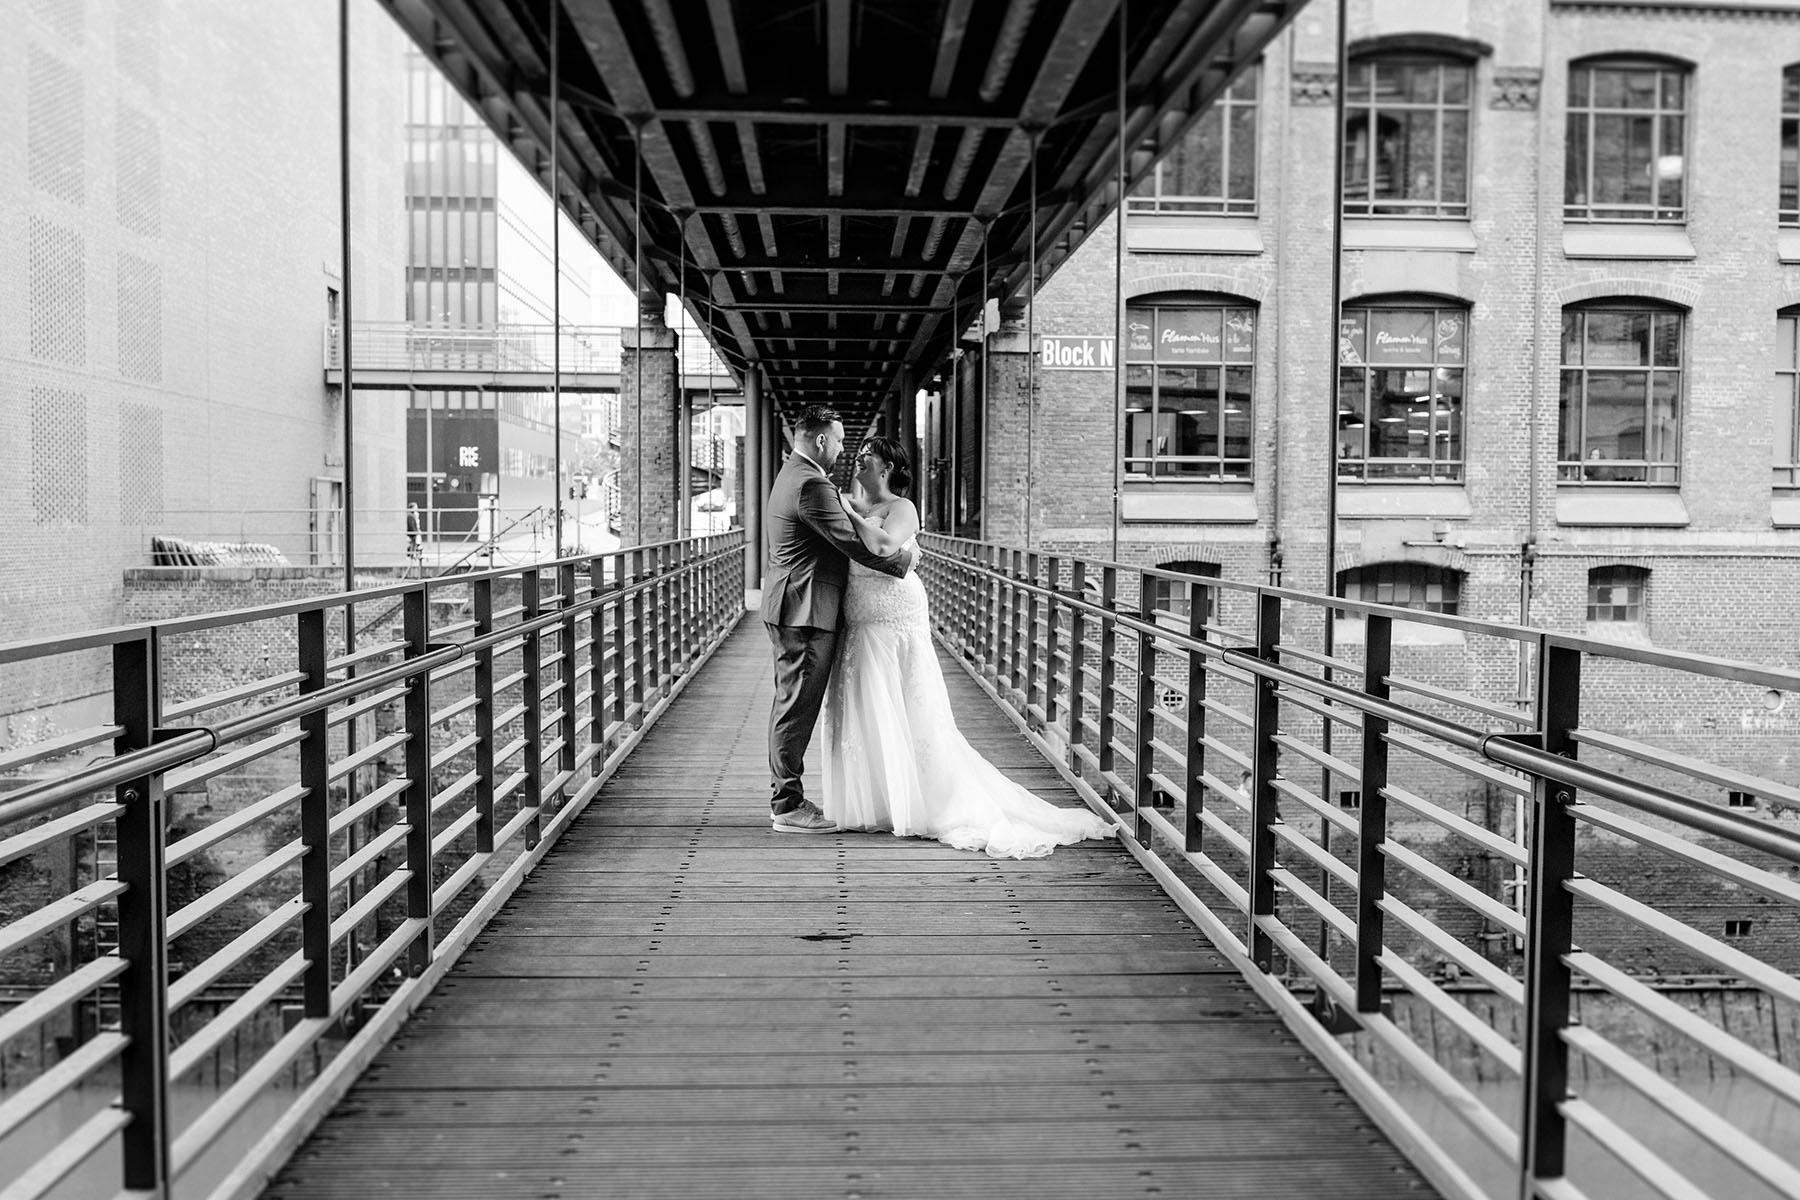 Schwarz-weiß Foto Brücke Speicherstadt